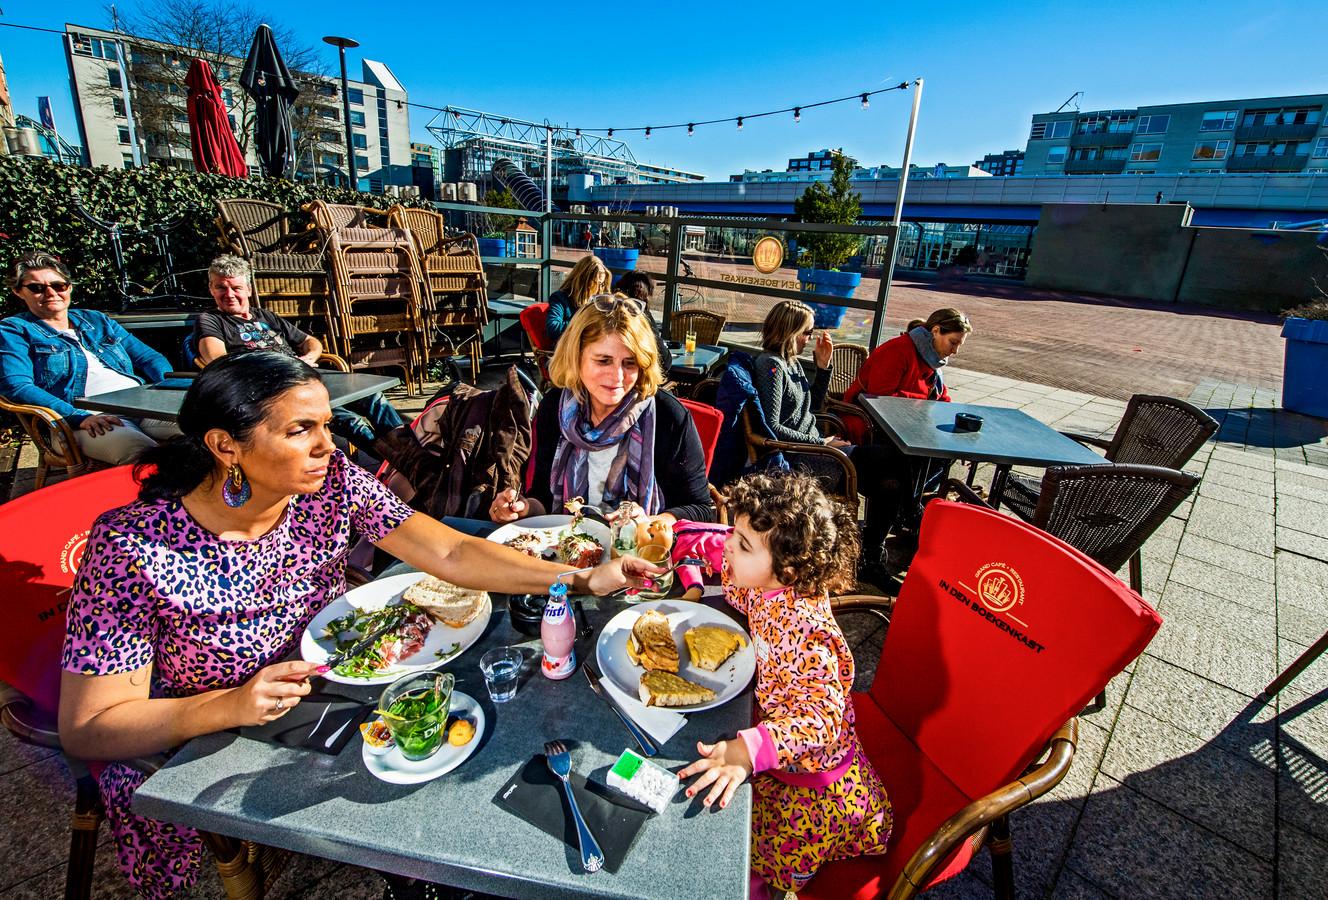 Het stadsbestuur van Capelle aan den IJssel wil overkapping en verwarming van terrassen toestaan.